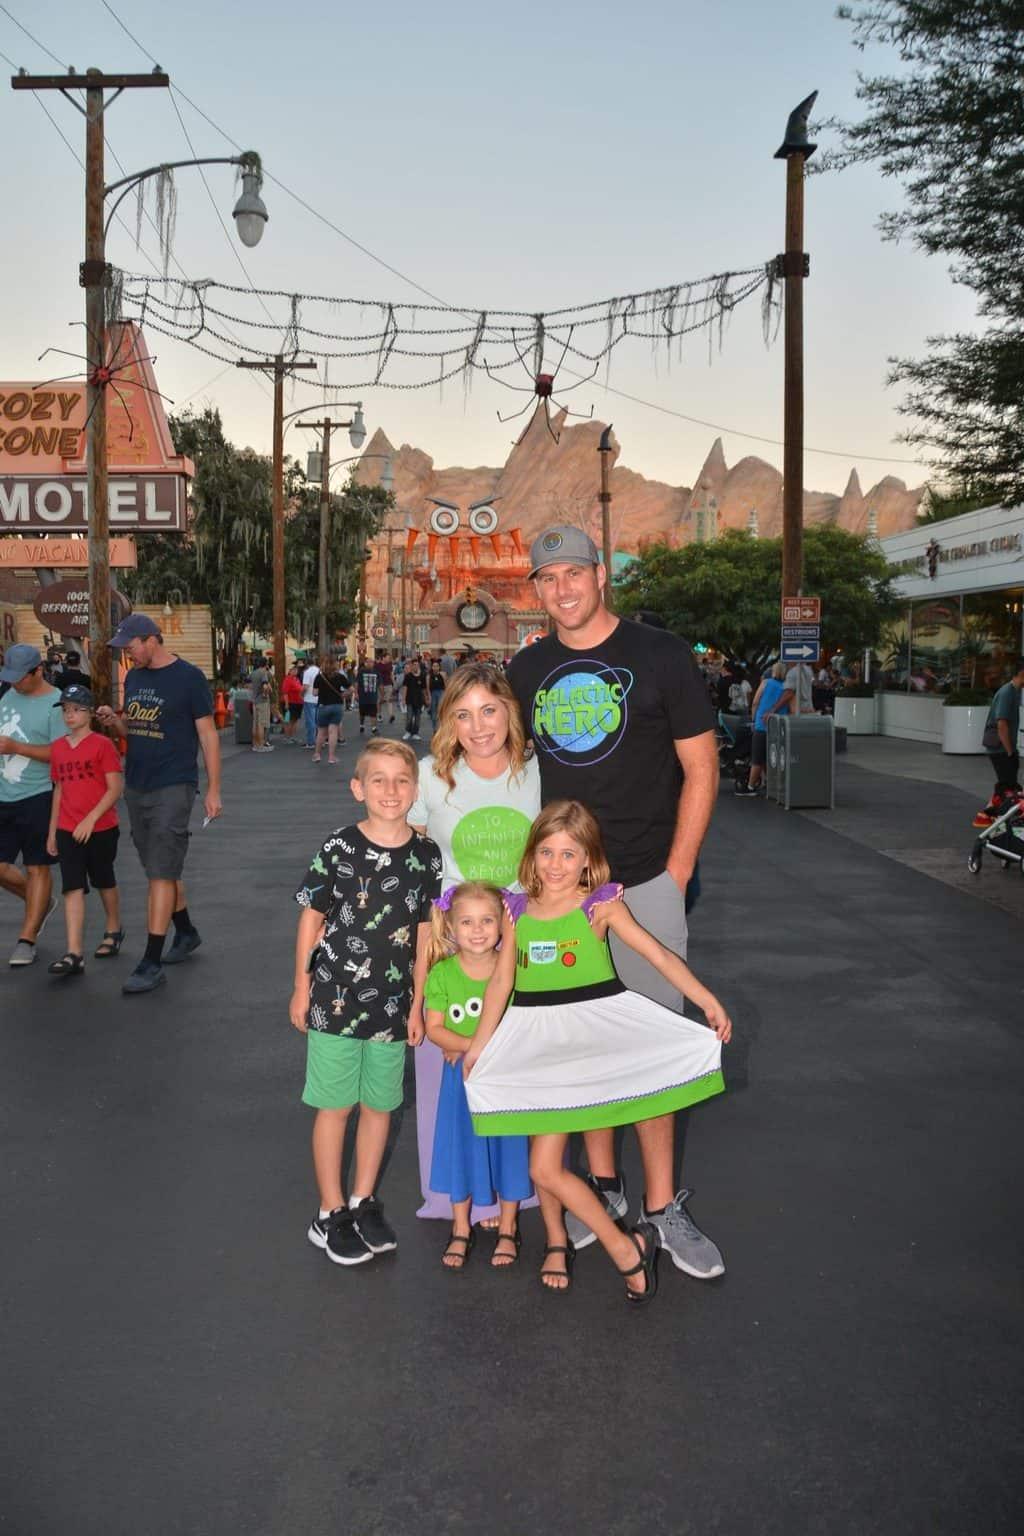 Last Night at Disney's California Adventure